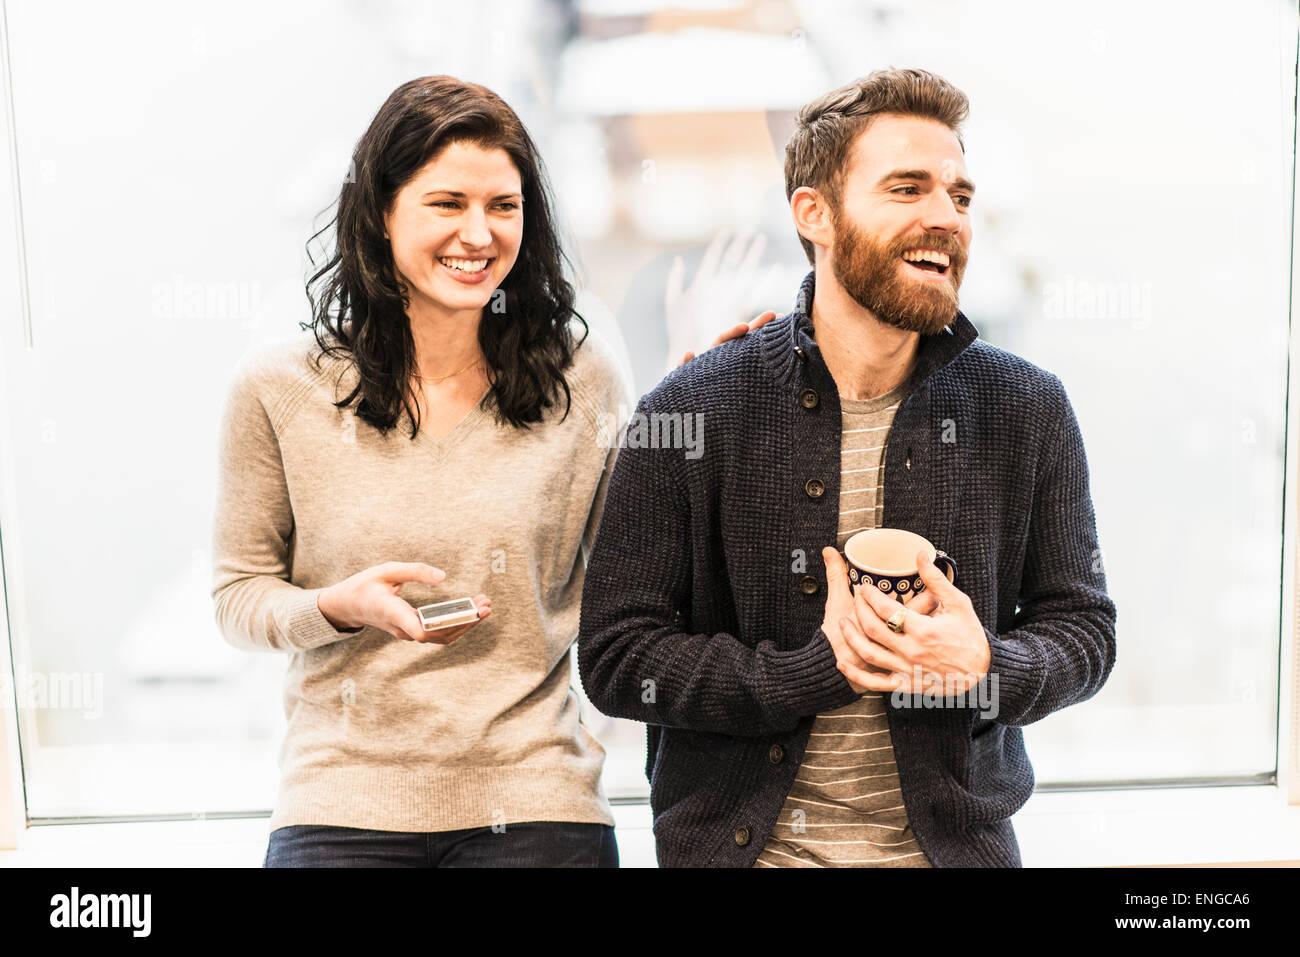 Eine Business-Frau sitzt an einem Fenster hält ein smart Phone, Gespräch mit einem Mann hält eine Stockbild